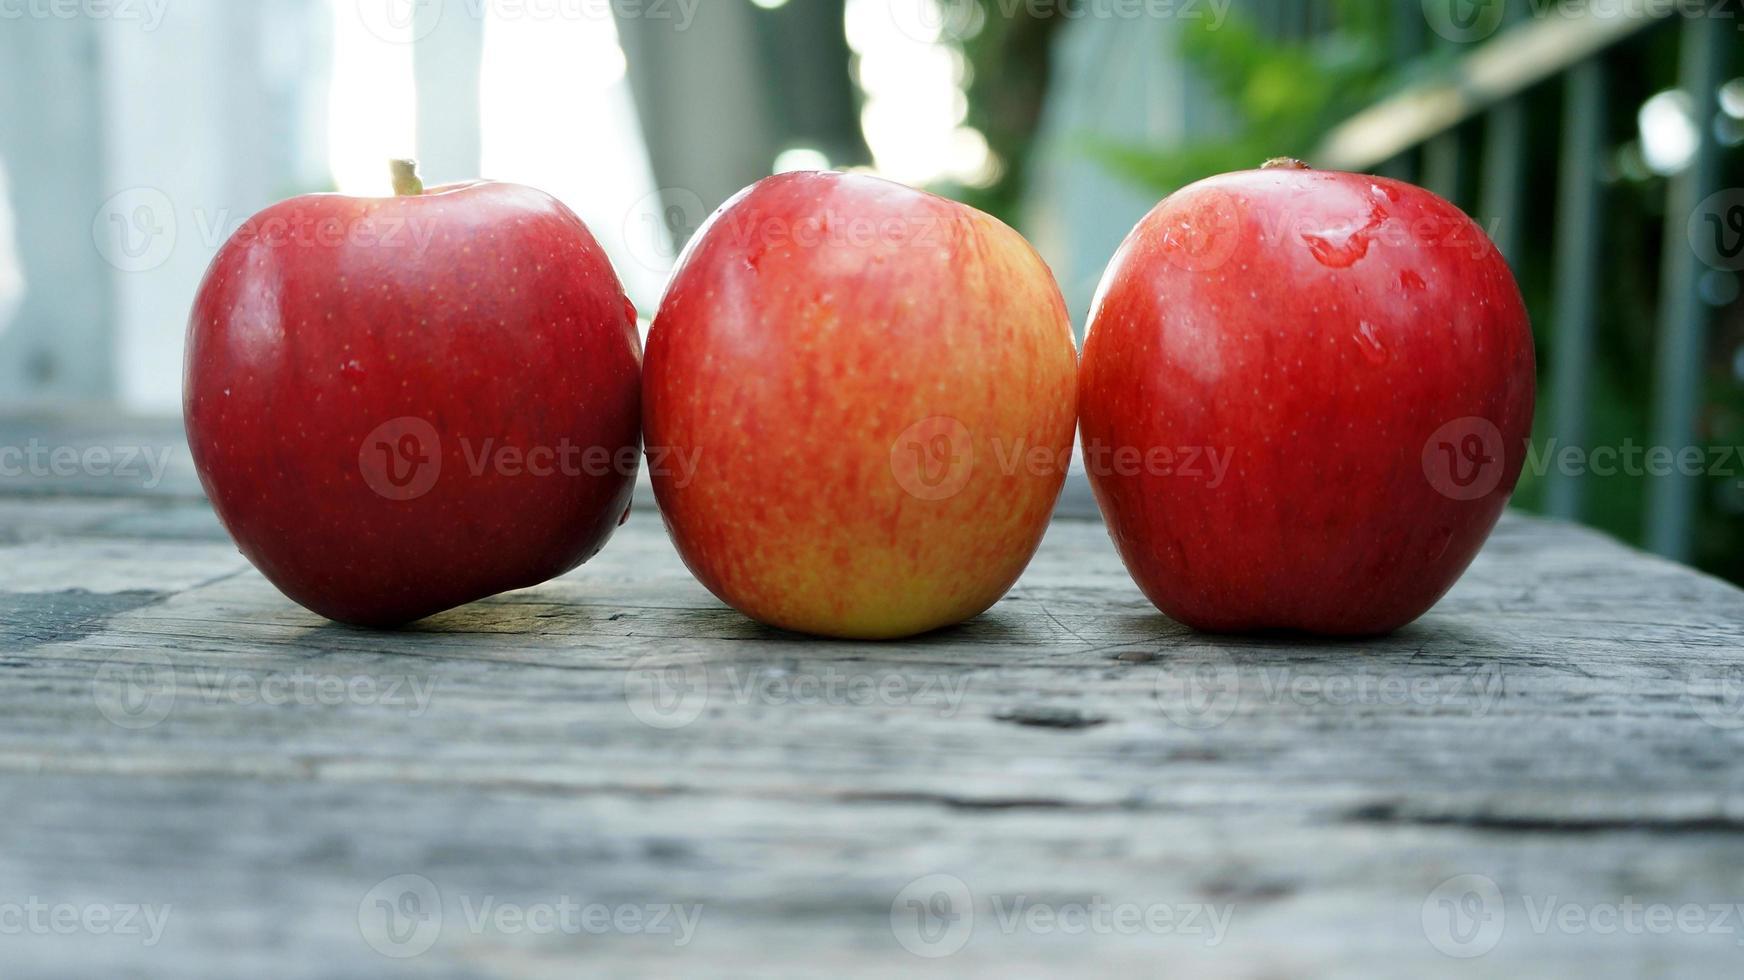 drei rote Äpfel auf dem Holztisch foto